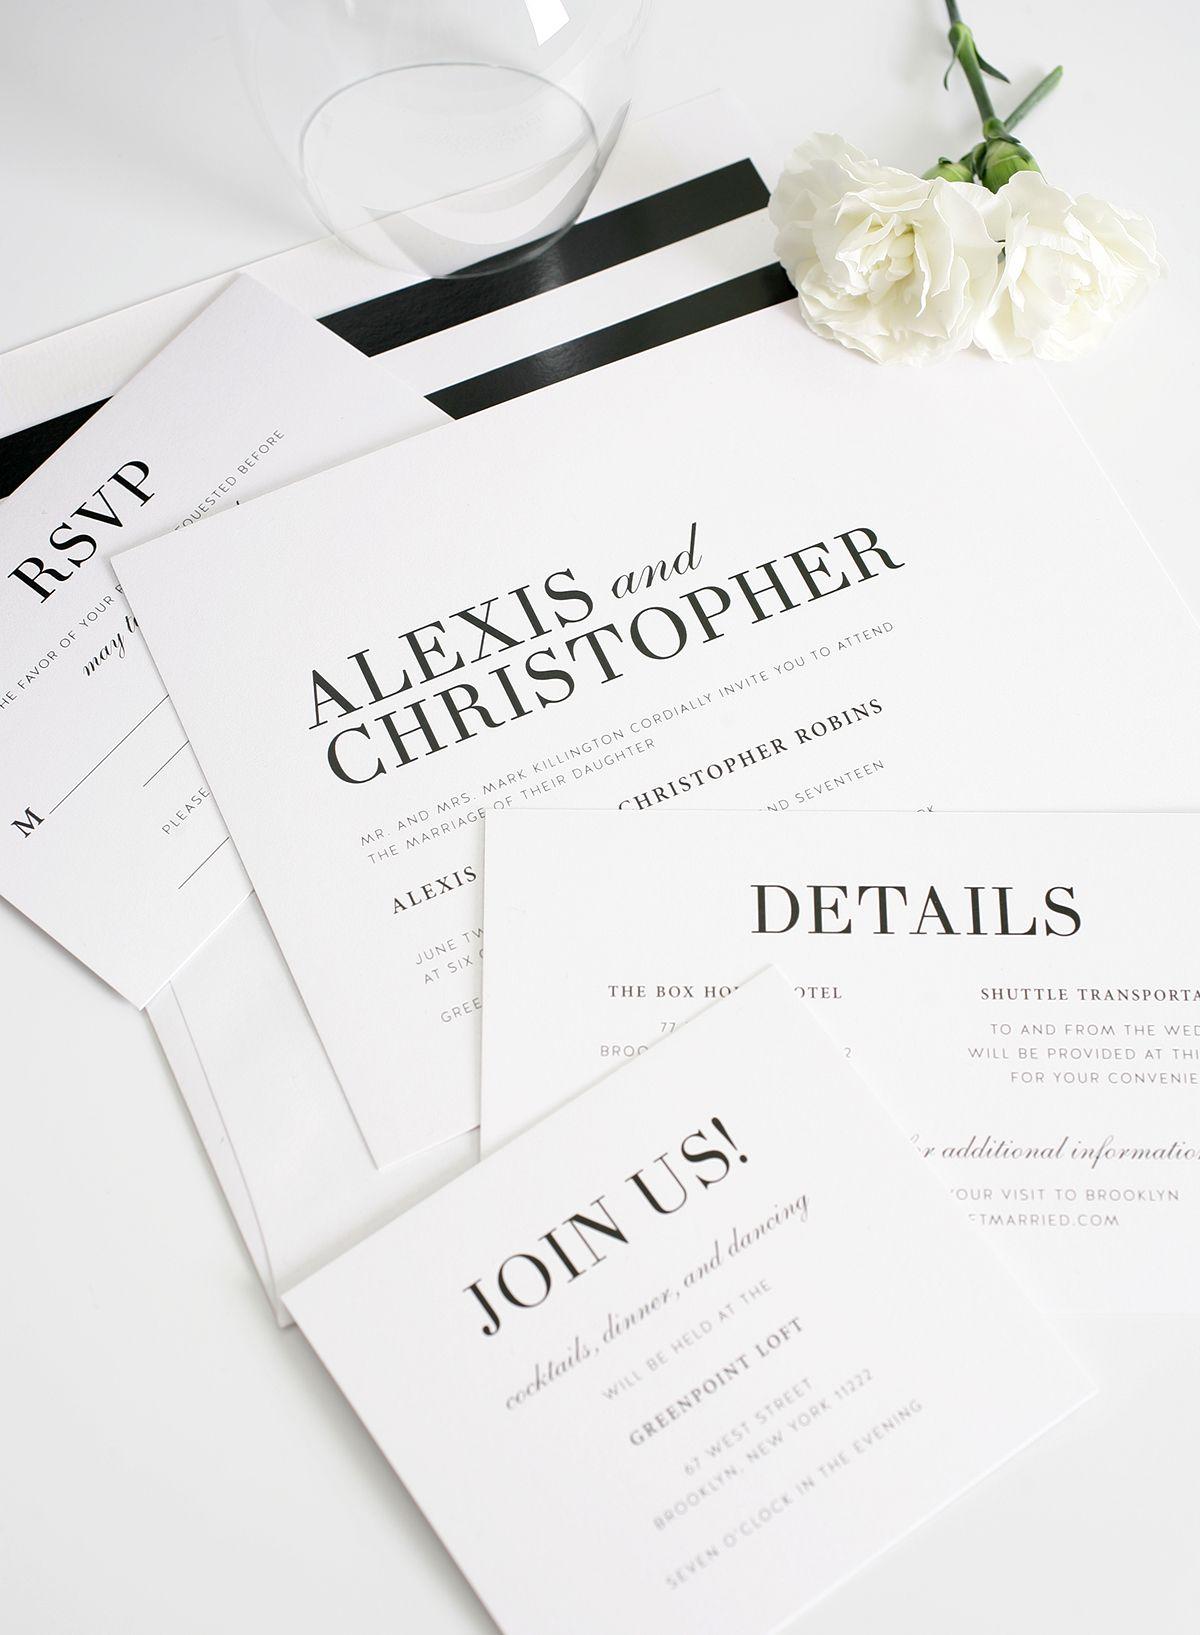 Glamorous Black and White Wedding Invitations | Pinterest | Wedding ...